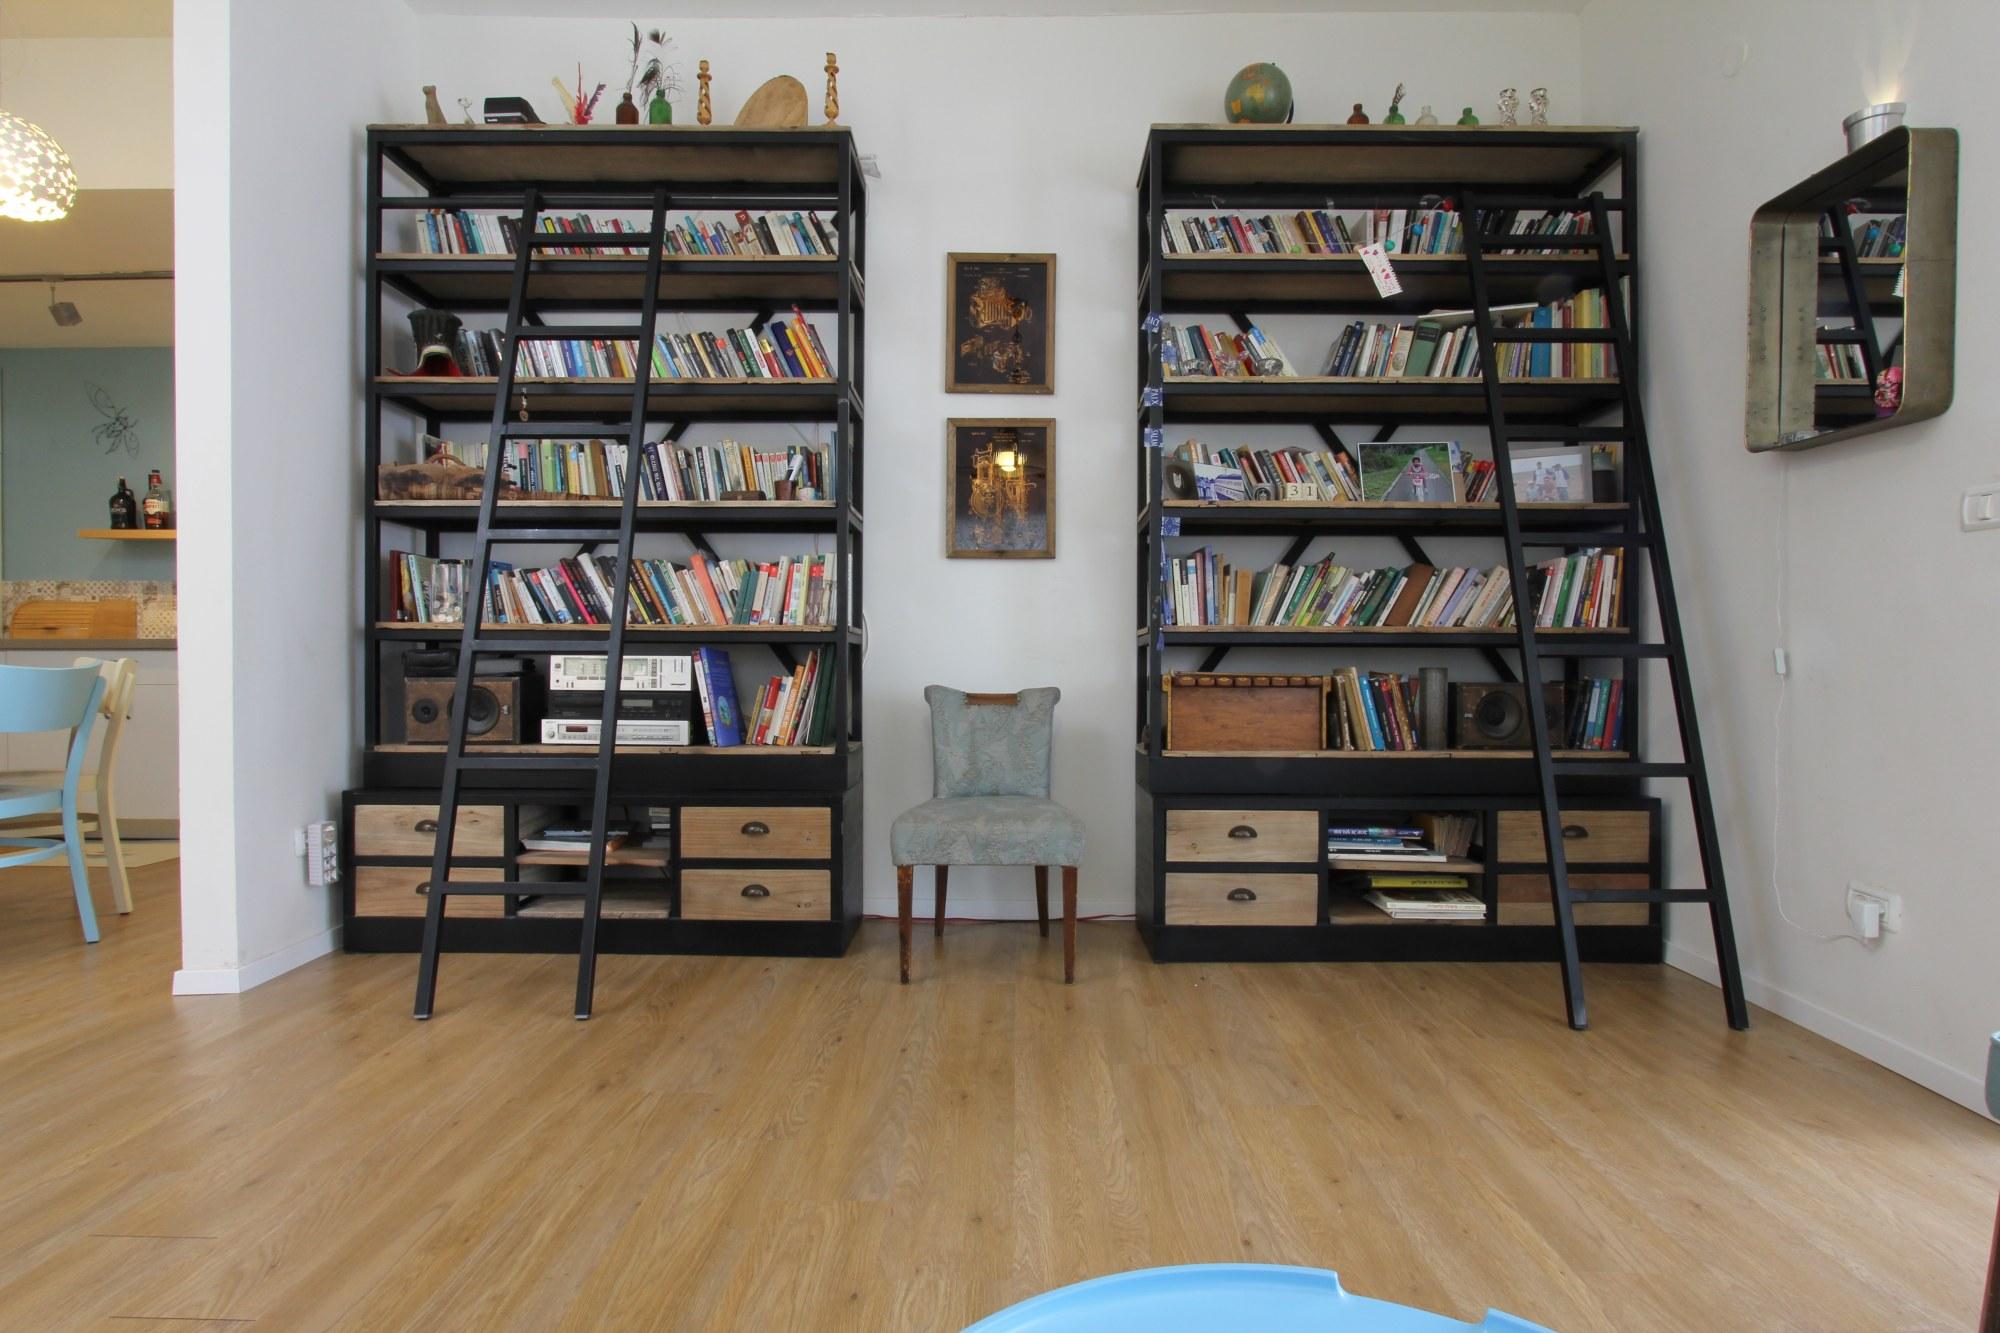 הספריות בשילוב הספרים מודגשים בחלל המרכזי.